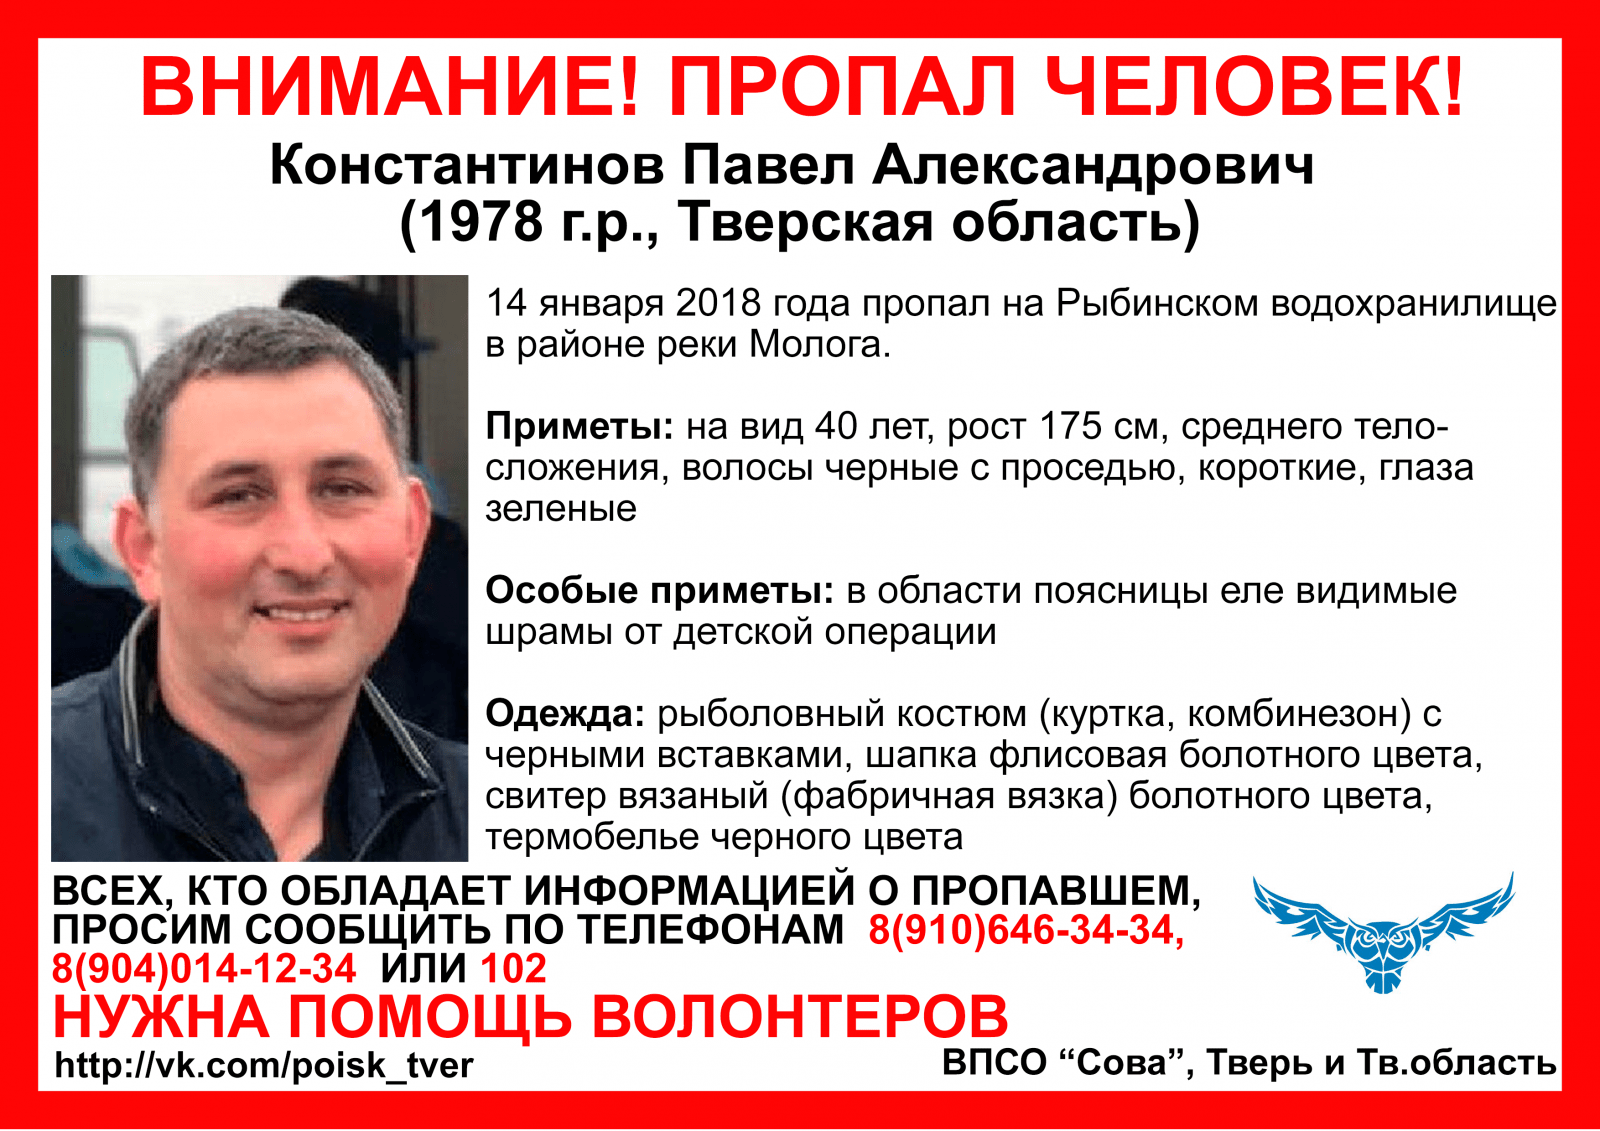 Пропал Константинов Павел Александрович (1978 г.р.)